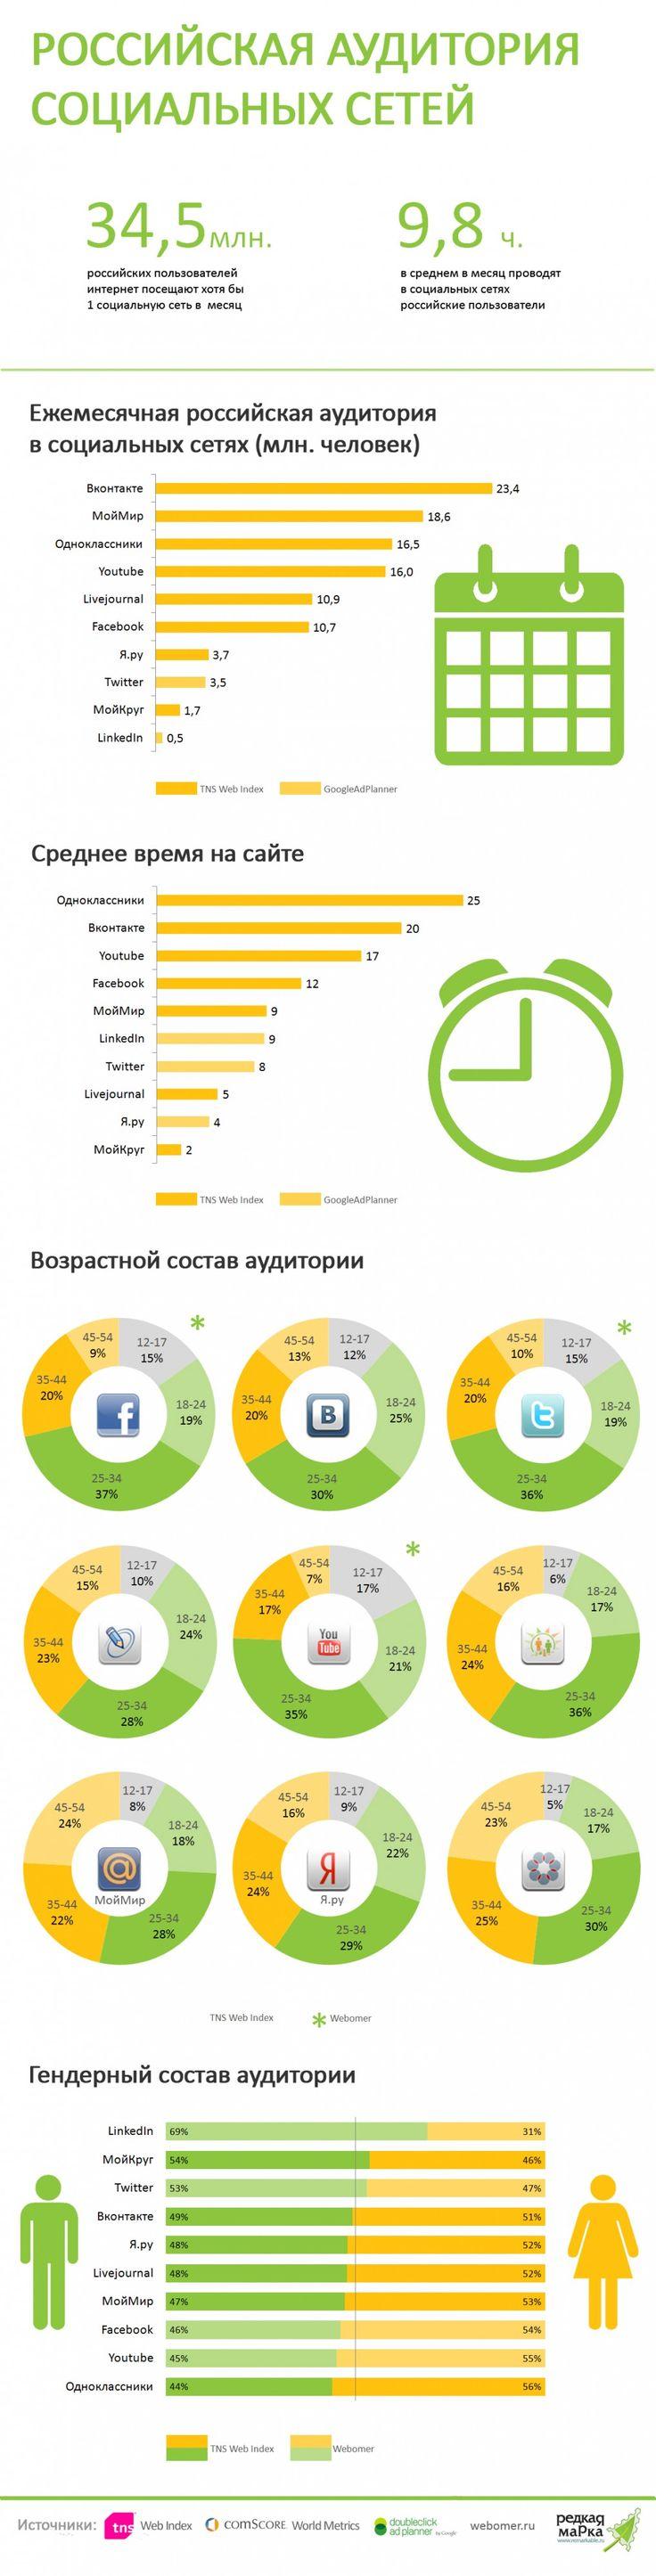 Российская аудитория социальных сетей